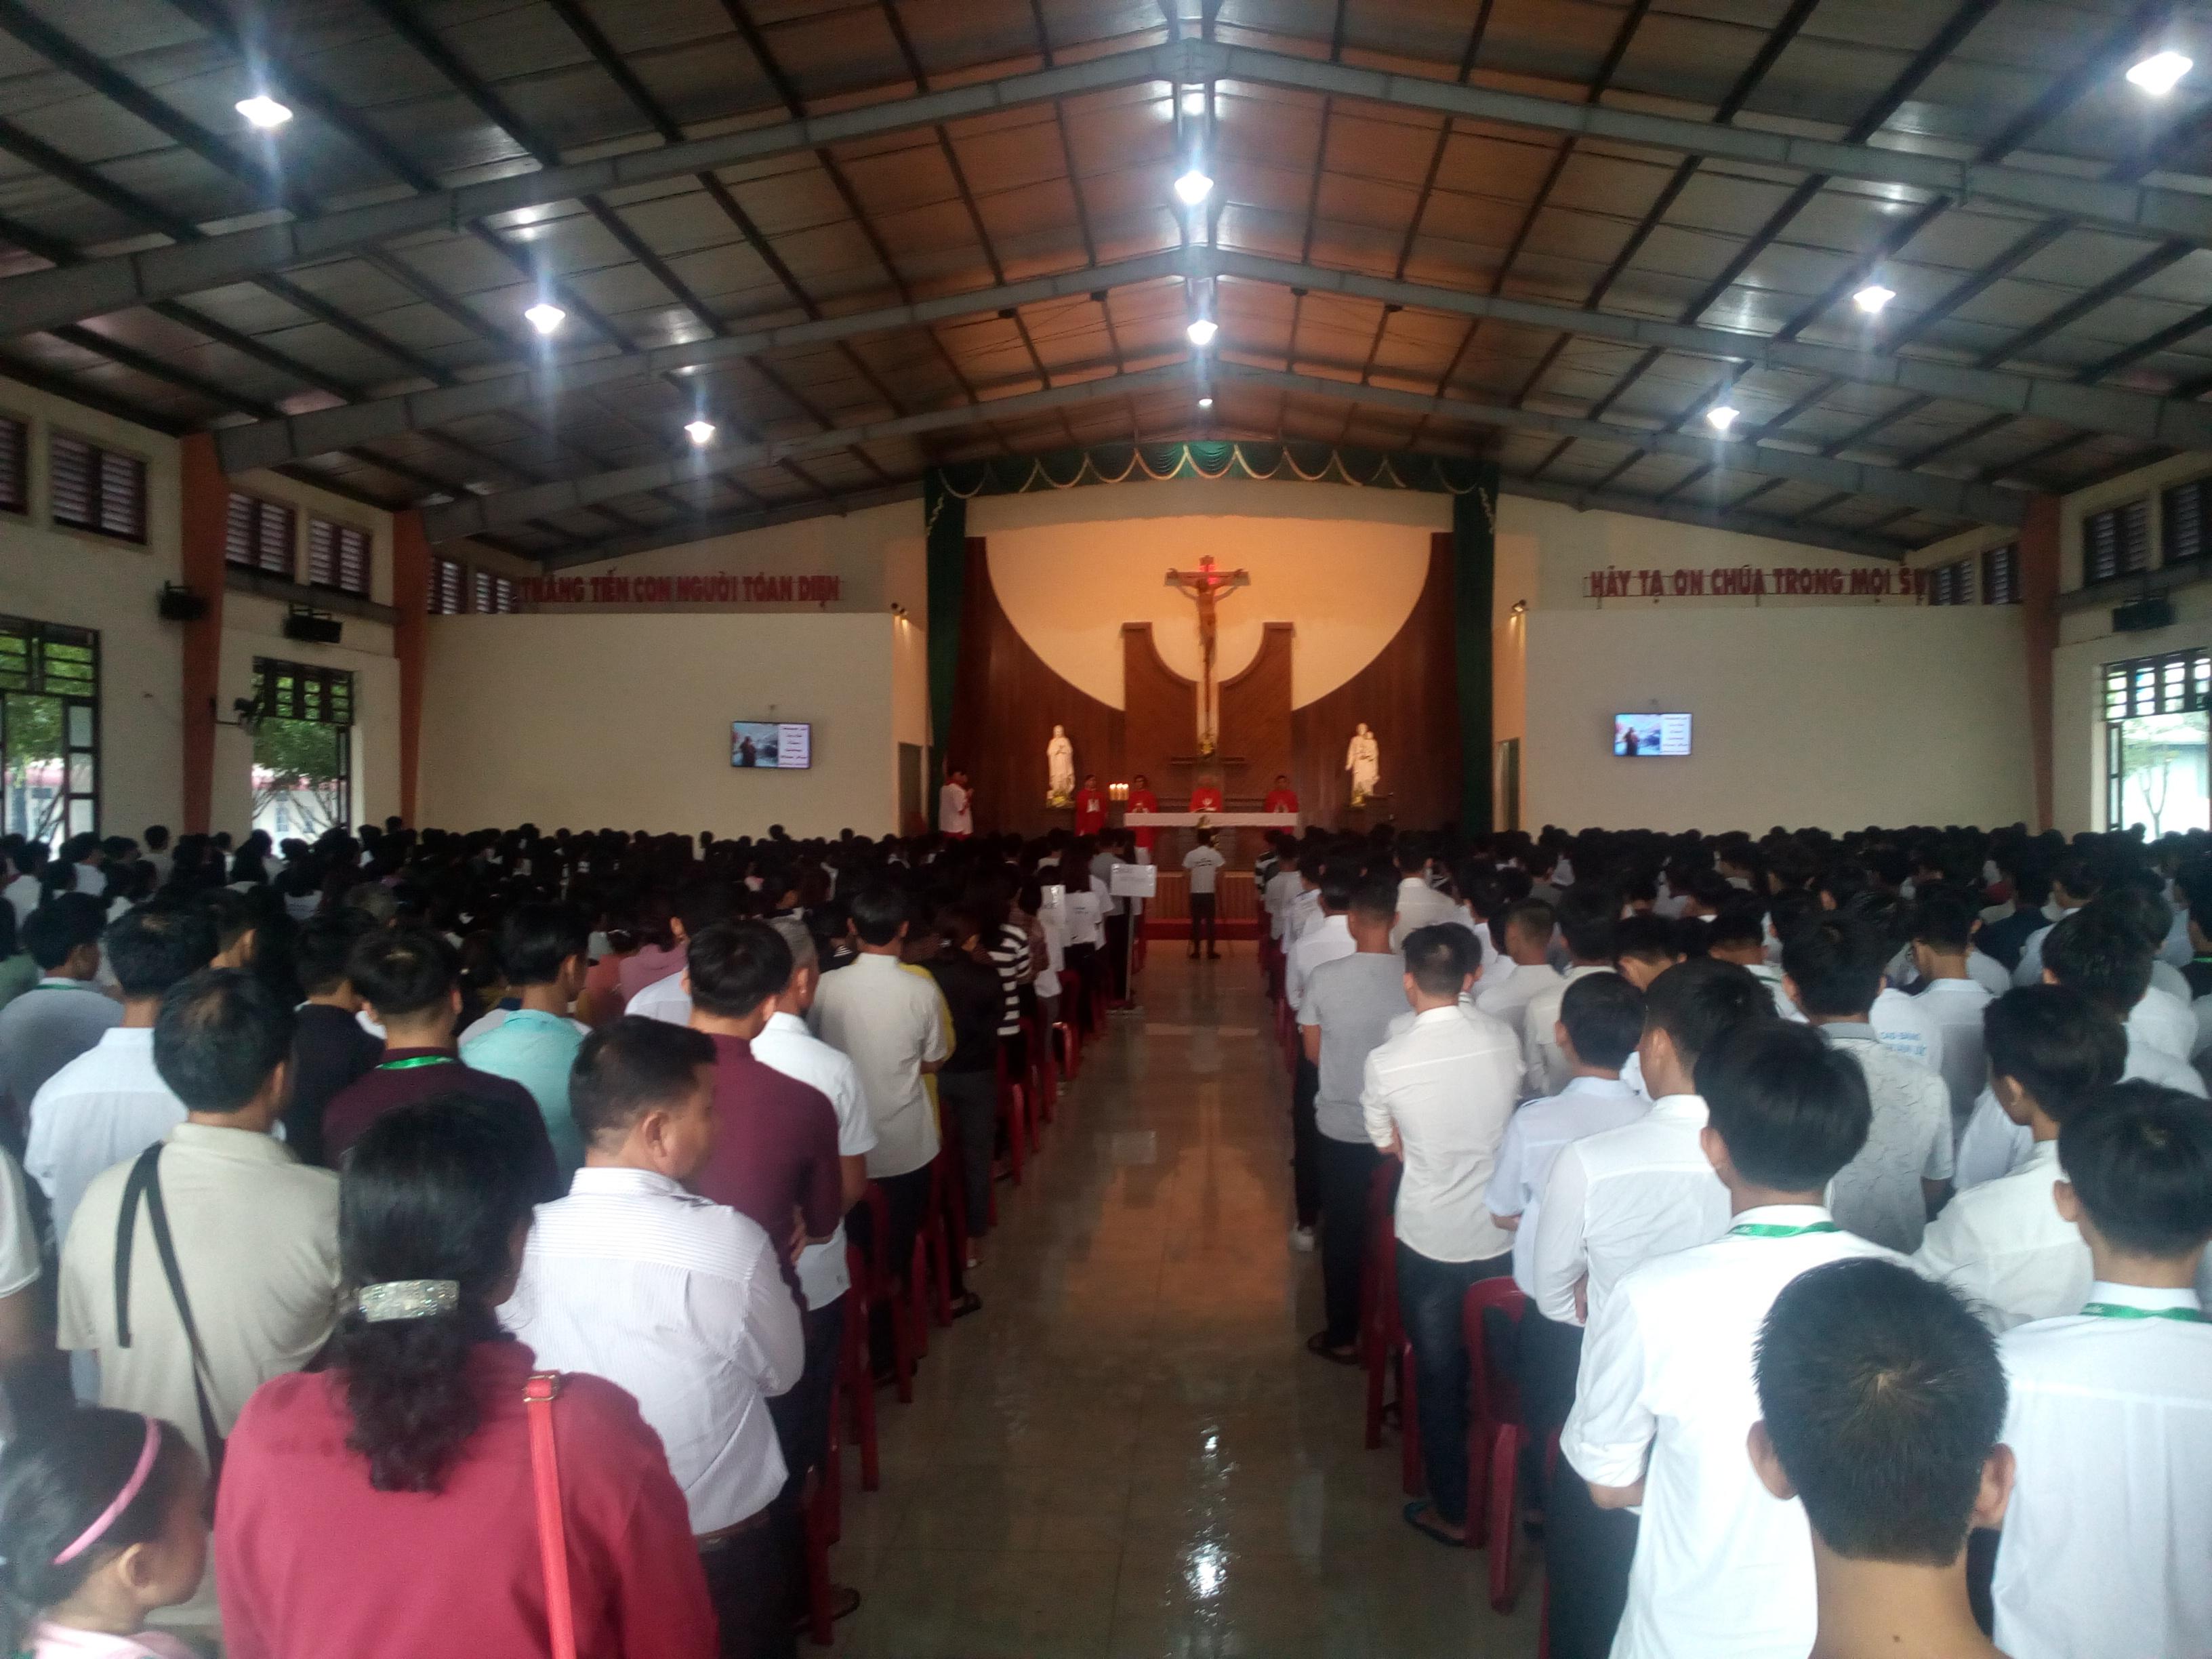 Trường Cao đẳng Hòa Bình Xuân Lộc đón tiếp sinh viên Học sinh chuẩn bị khai giảng năm học mới 2018-2019